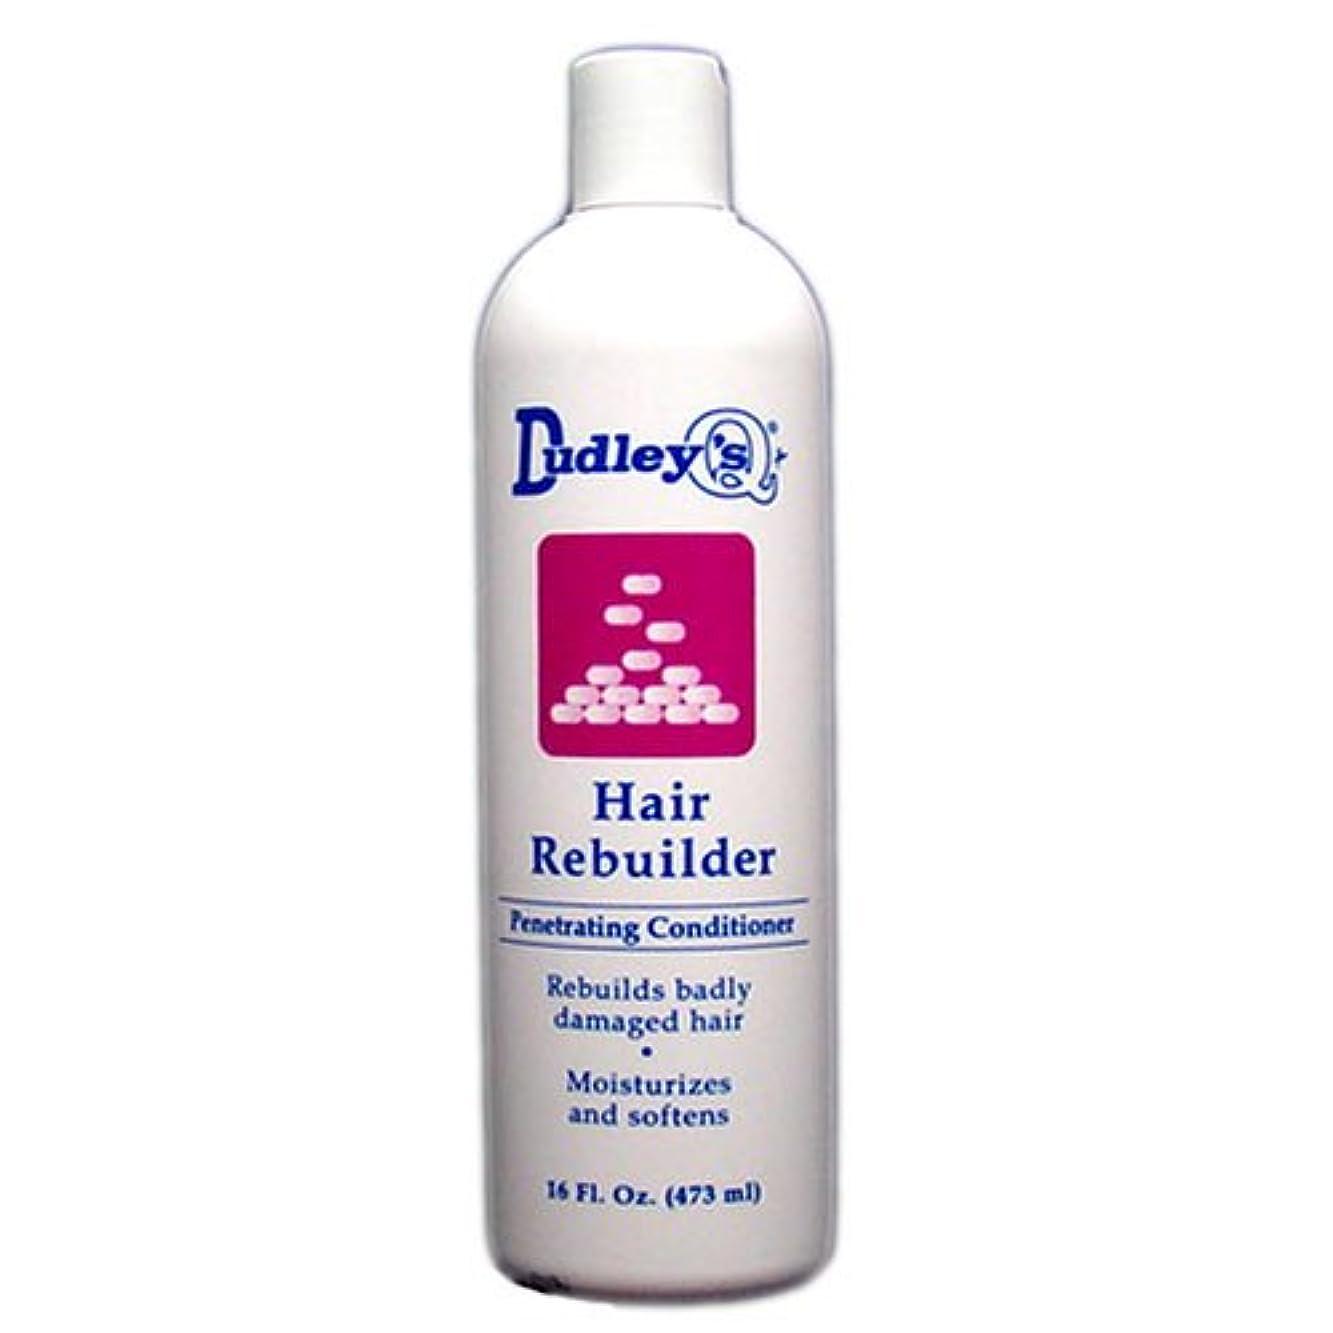 データチャット封建Dudley's 髪の再建浸透性コンディショナー、16オンス 16オンス